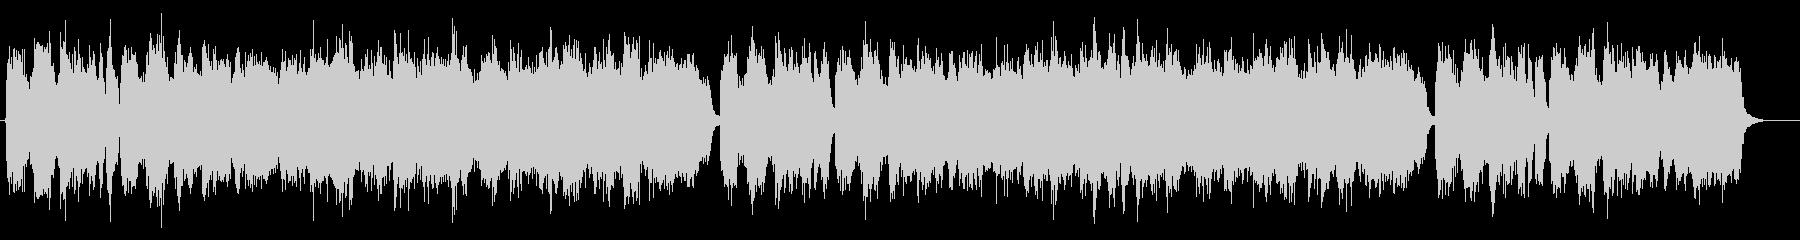 モーツァルト風の軽快な交響曲の未再生の波形